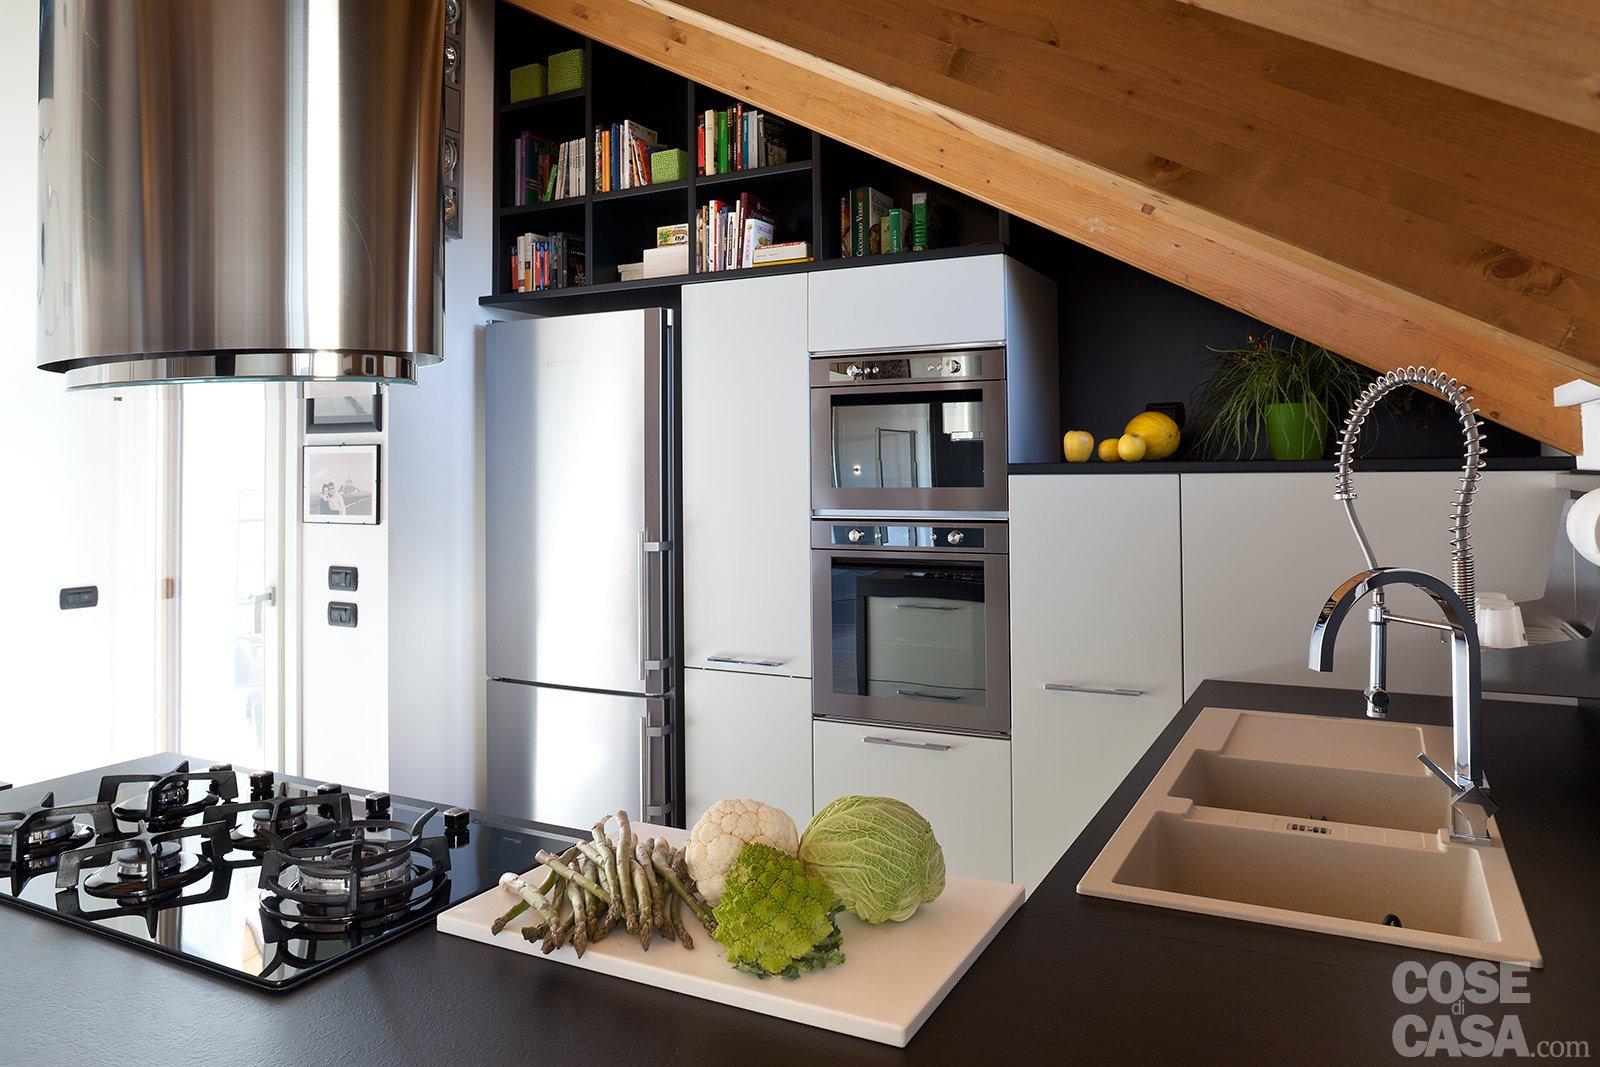 90 10 Mq Per Una Casa Che Sfrutta Bene Gli Spazi Cose Di Casa #693F1F 1600 1067 Cucine Moderne A U